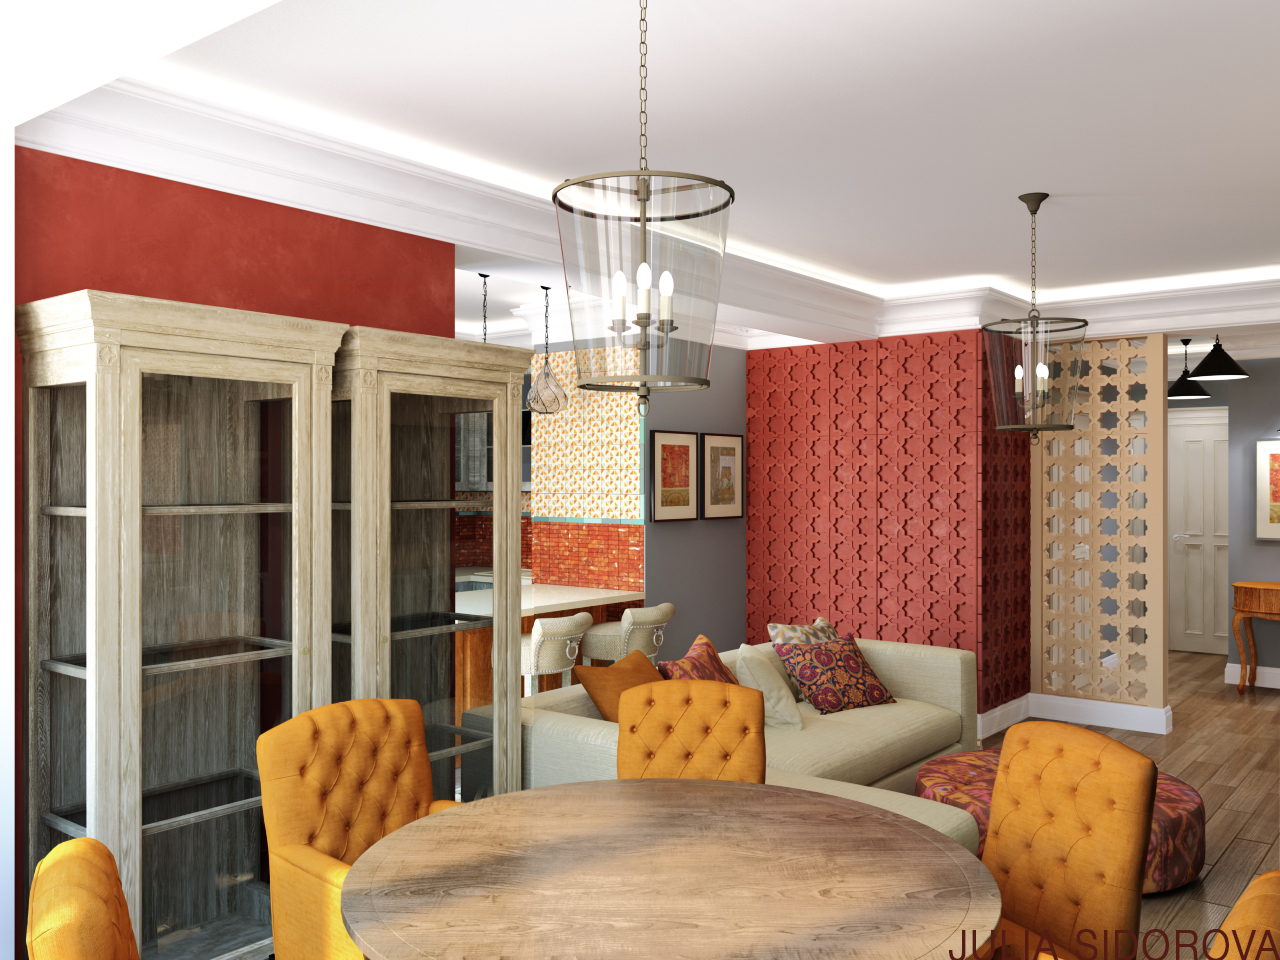 Проект интерьера квартиры 93 м кв.